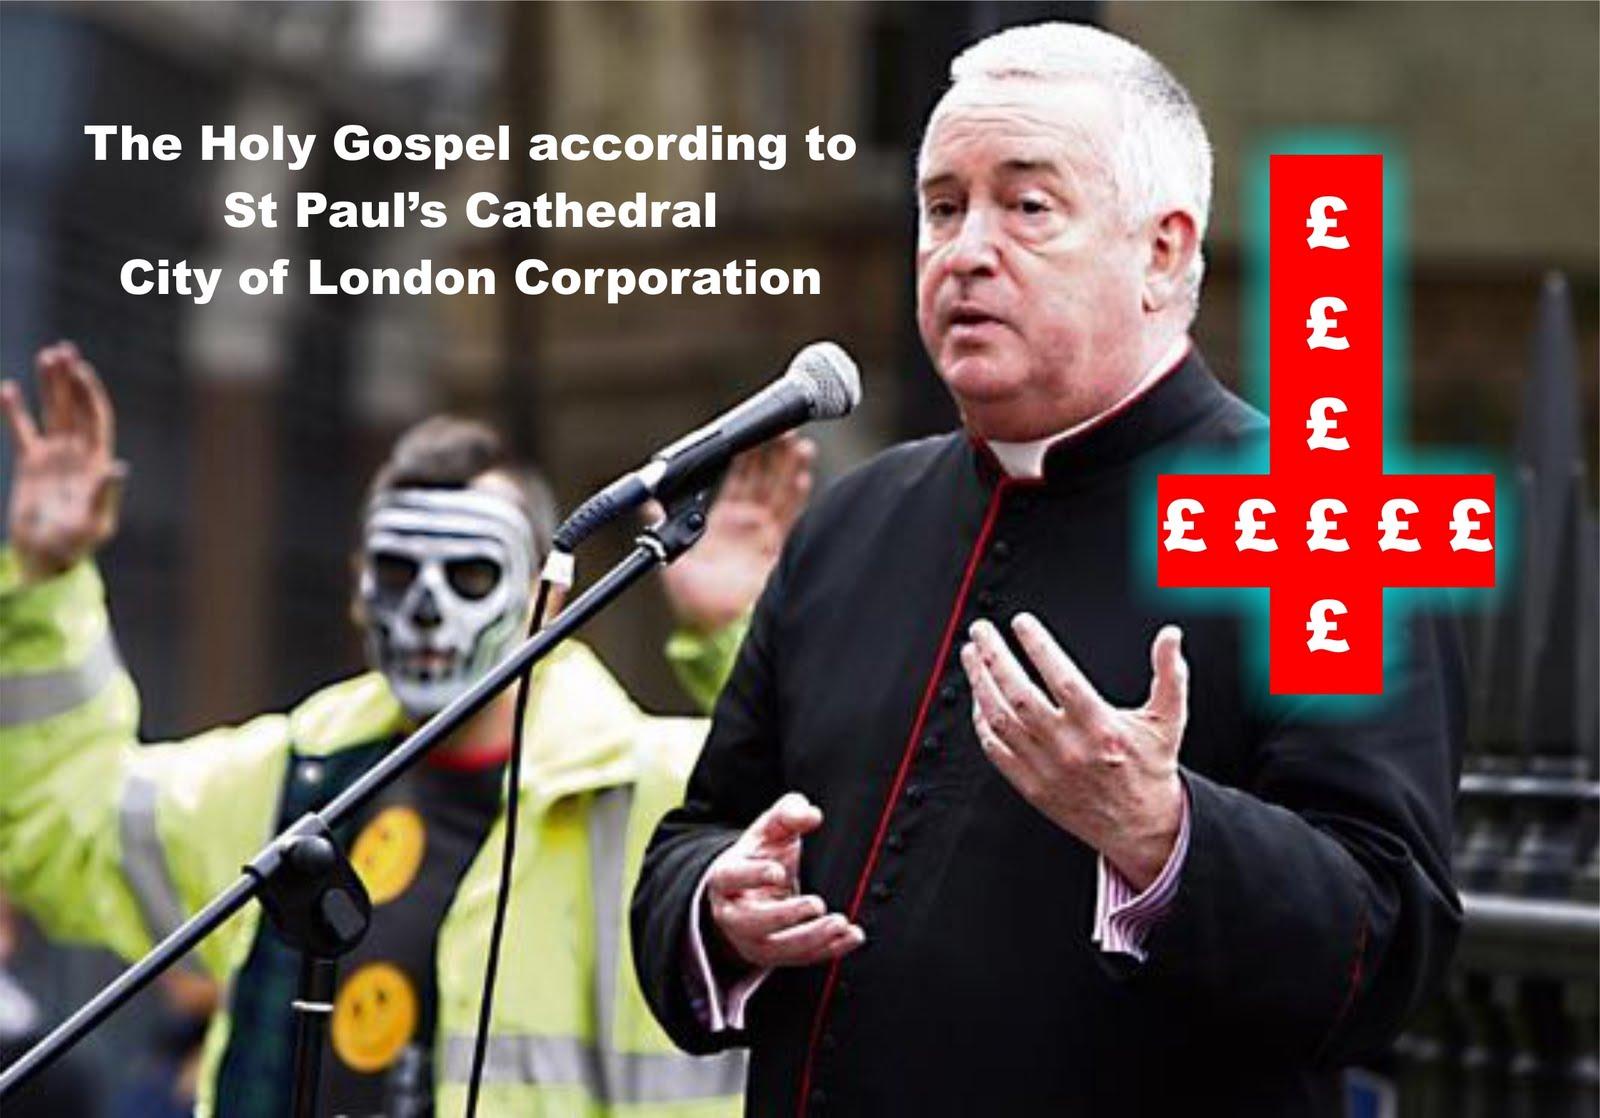 http://4.bp.blogspot.com/-gGMCKqELuIE/TrbBgkHhV0I/AAAAAAAAAgQ/8SunFvImJcE/s1600/Church%2Bof%2BEngland%2Bfucks%2Bup%2Bthe%2BGospel%2Bagain.jpg?SSImageQuality=Full